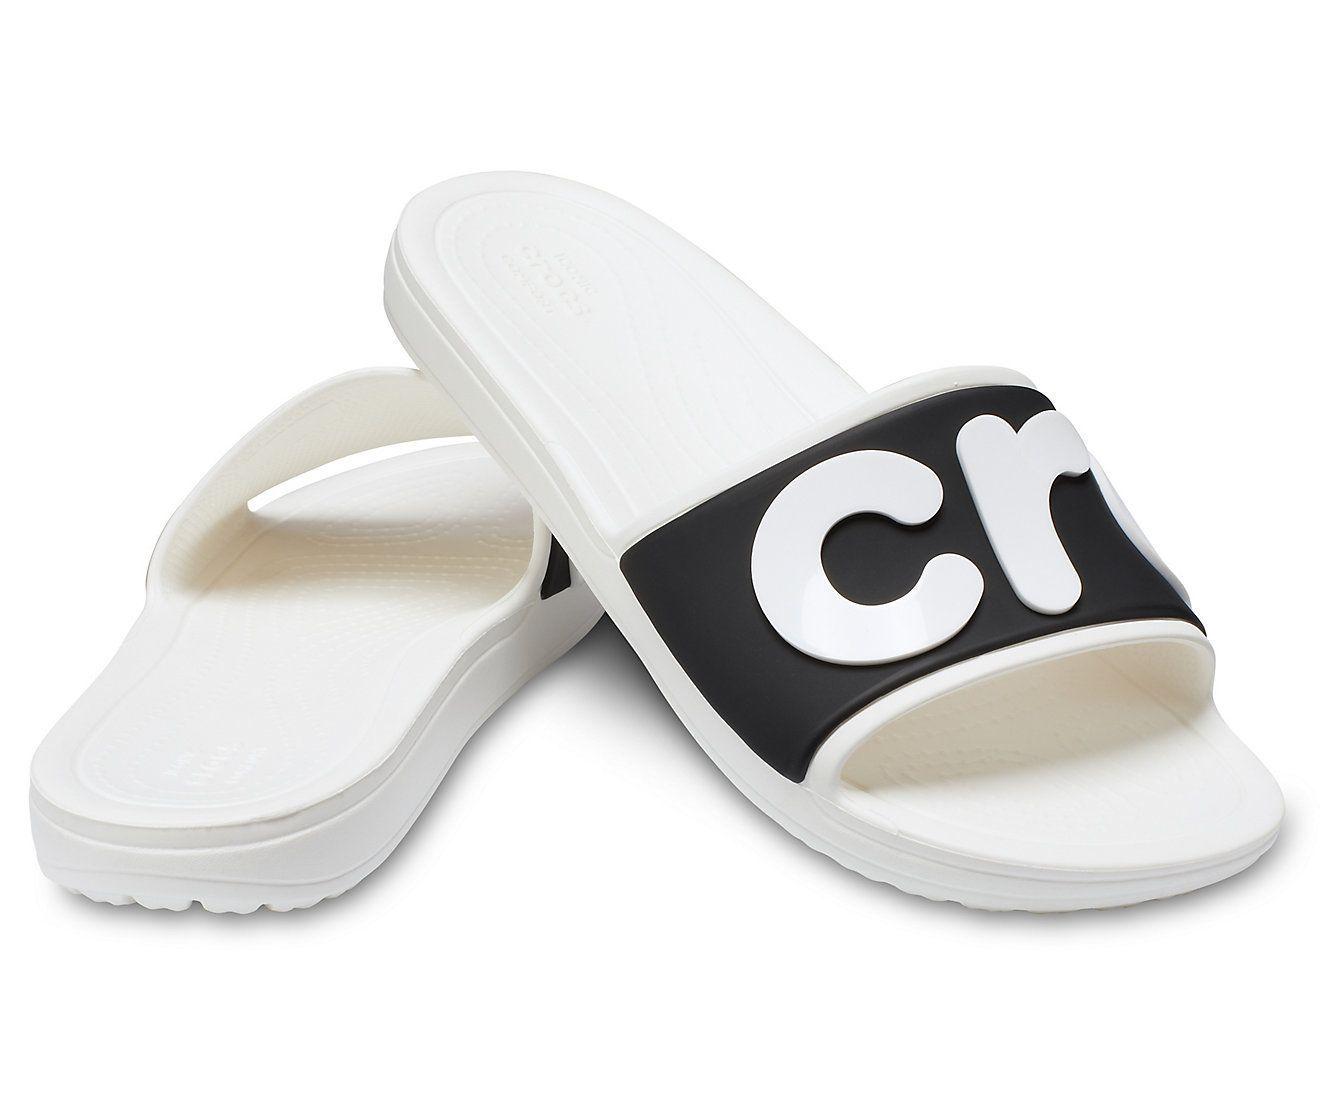 9df0f7c05 Chinelo Sandália Crocs Sloane Logo Slide - White   Black - Titanes Esportes